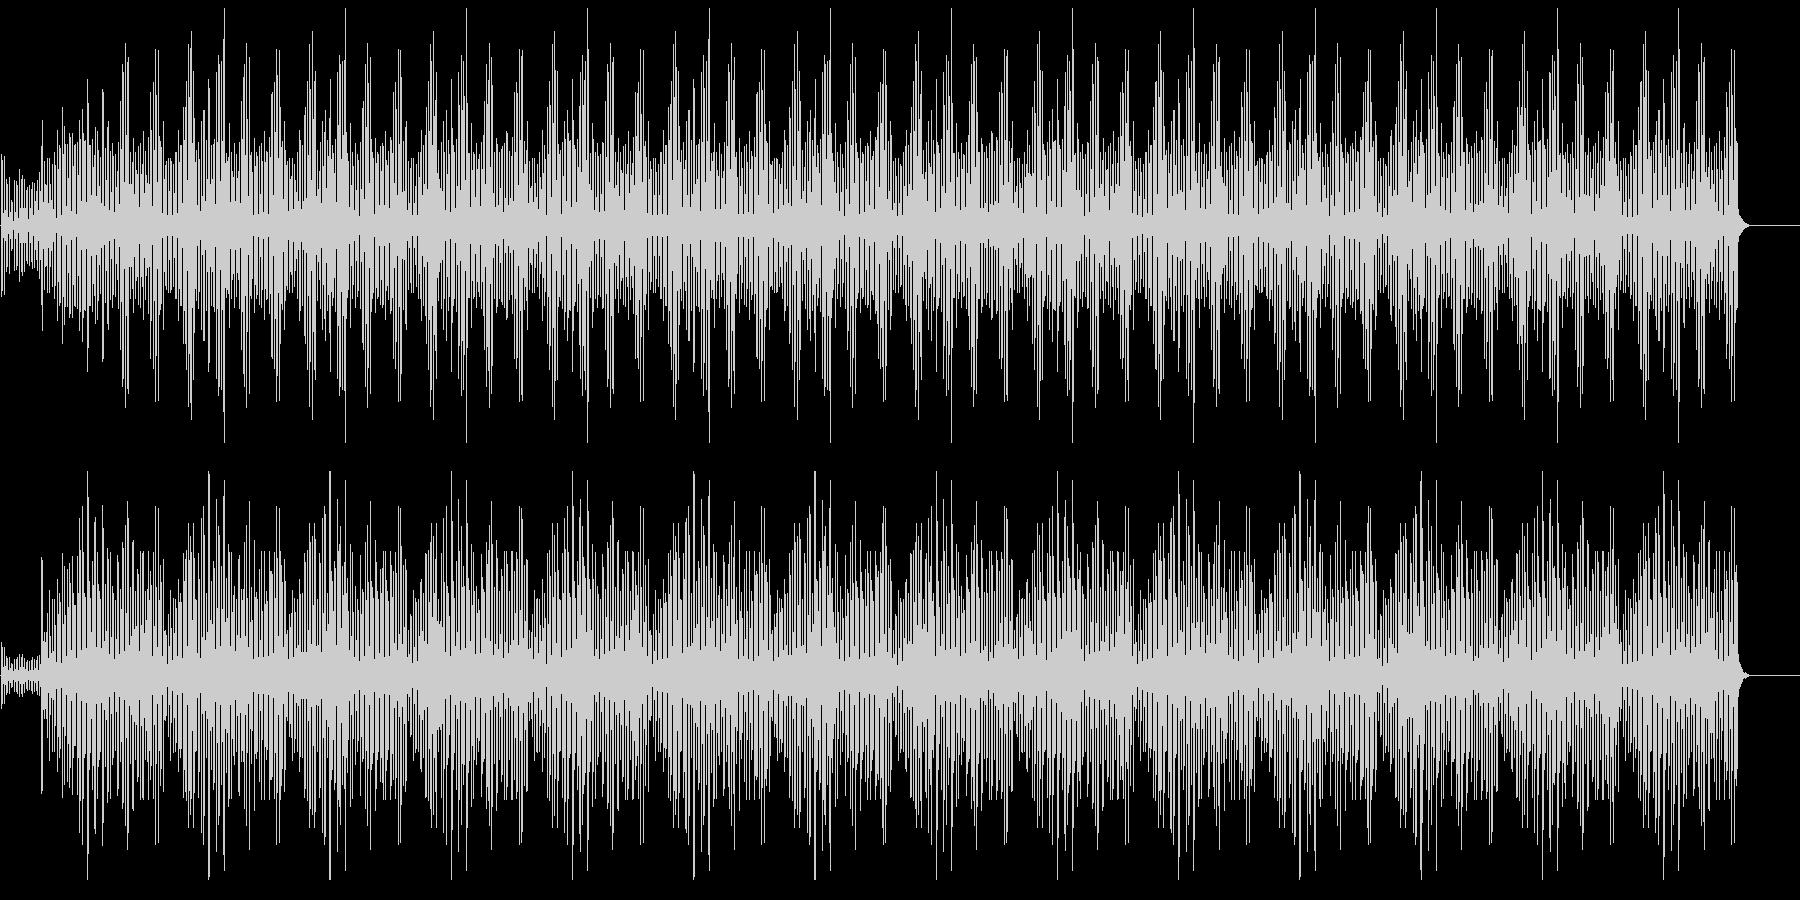 ミニマルなピアノBGM(シンプルver)の未再生の波形